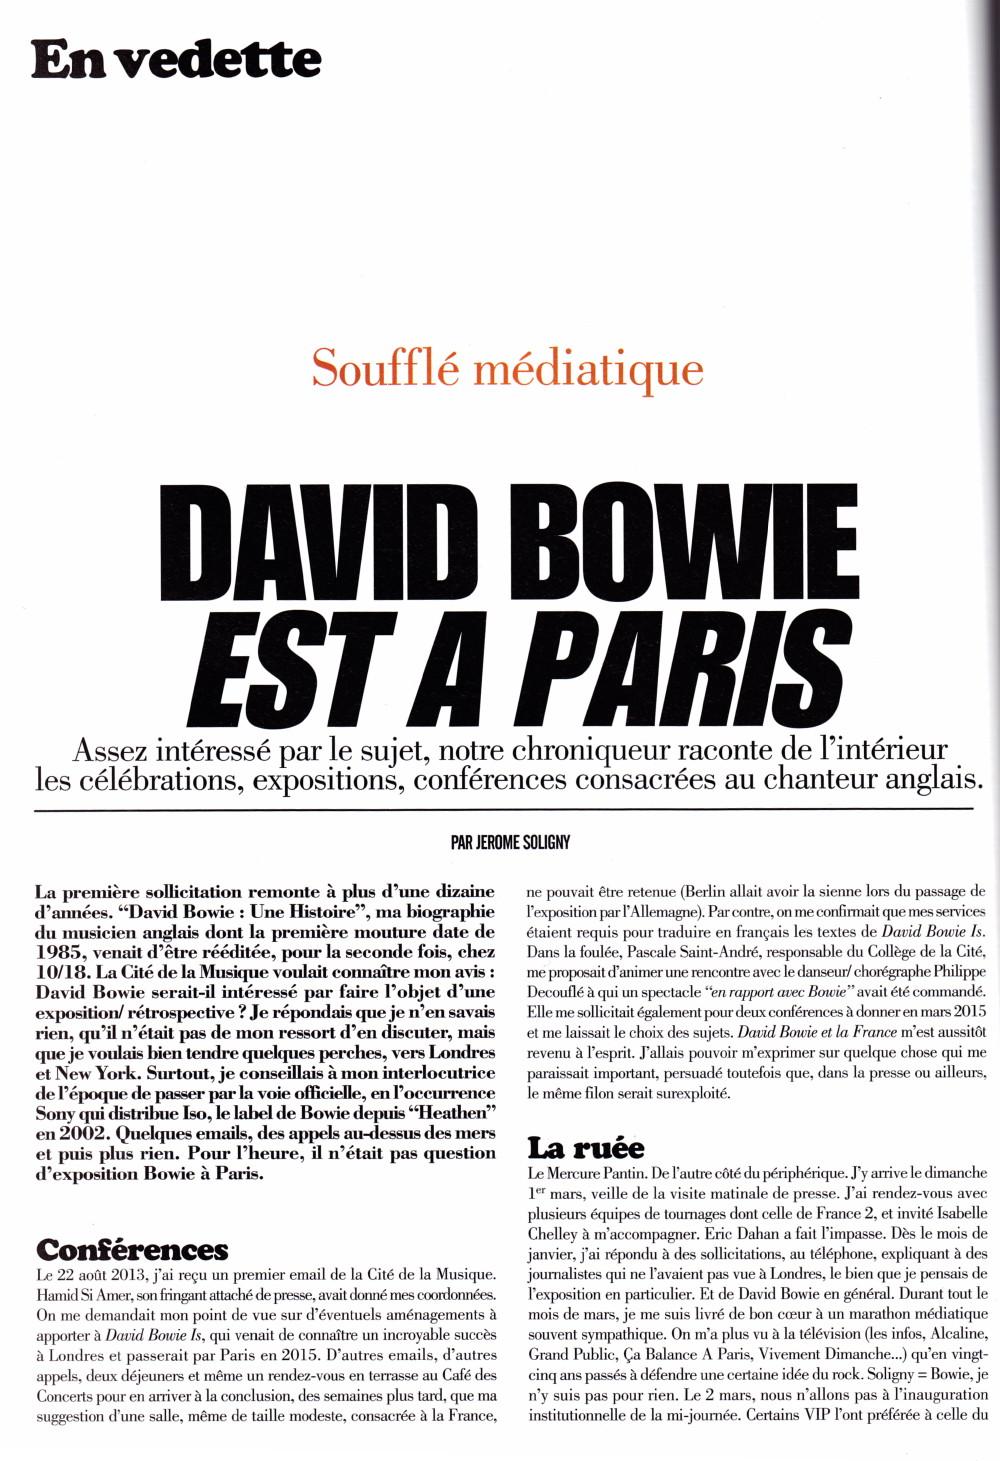 """Visite de l'exposition """"DAVID BOWIE IS"""" à la Philharmonie de Paris 2015 par JERÔME SOLIGNY (""""Rock Folk"""", mai 2015) 16011109071320773813888103"""